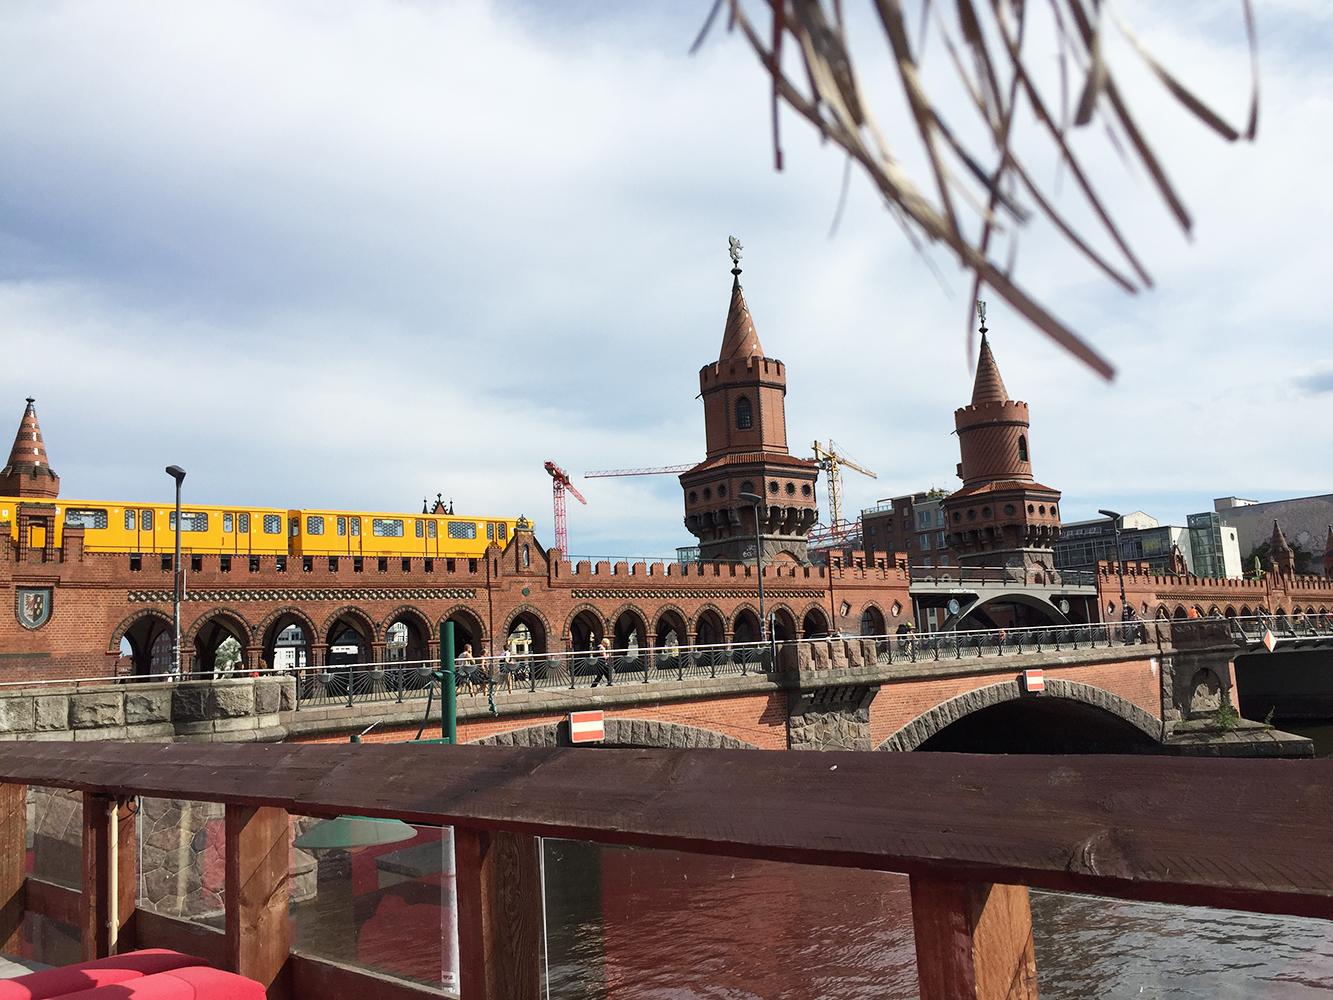 pont berlin oberbaumbrucke